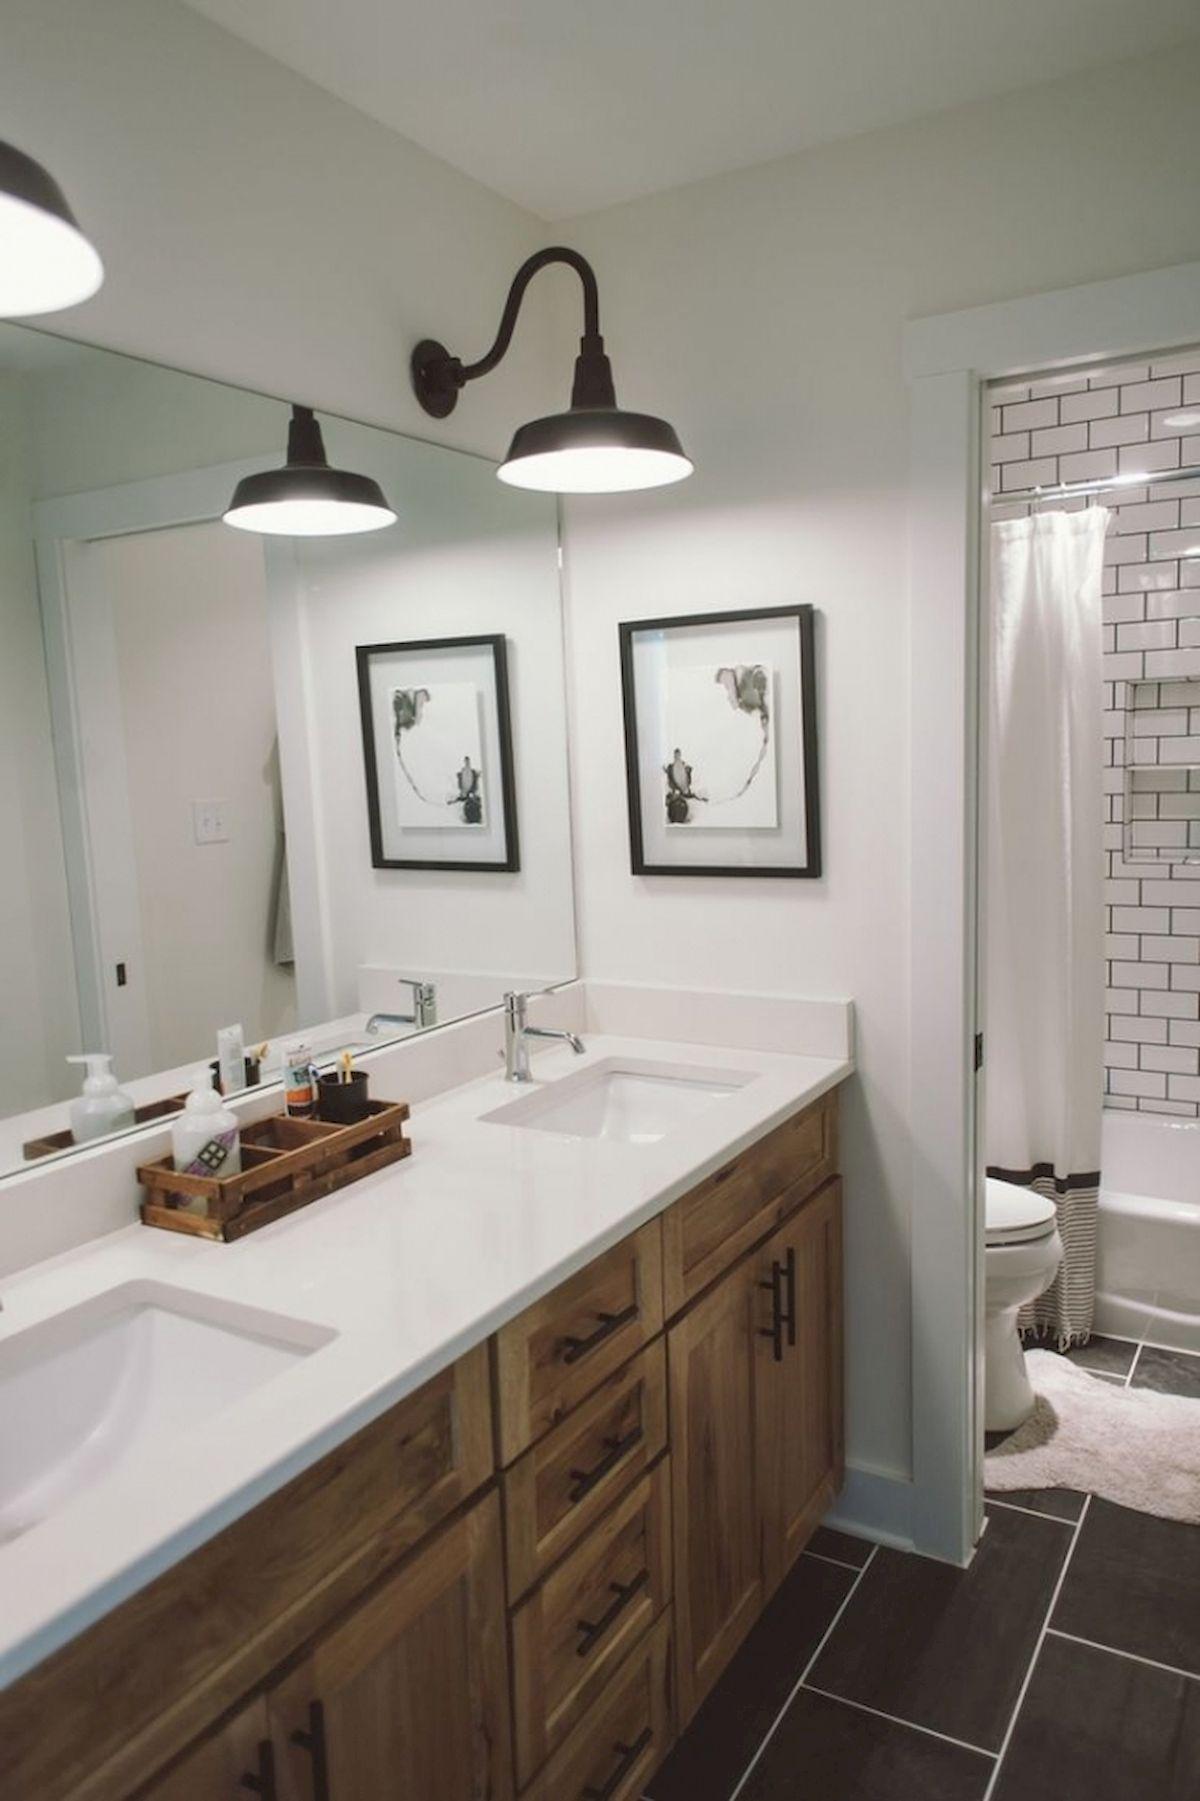 55 Bathroom Lighting Ideas For Every Design Style Modern Farmhouse Bathroom Traditional Bathroom